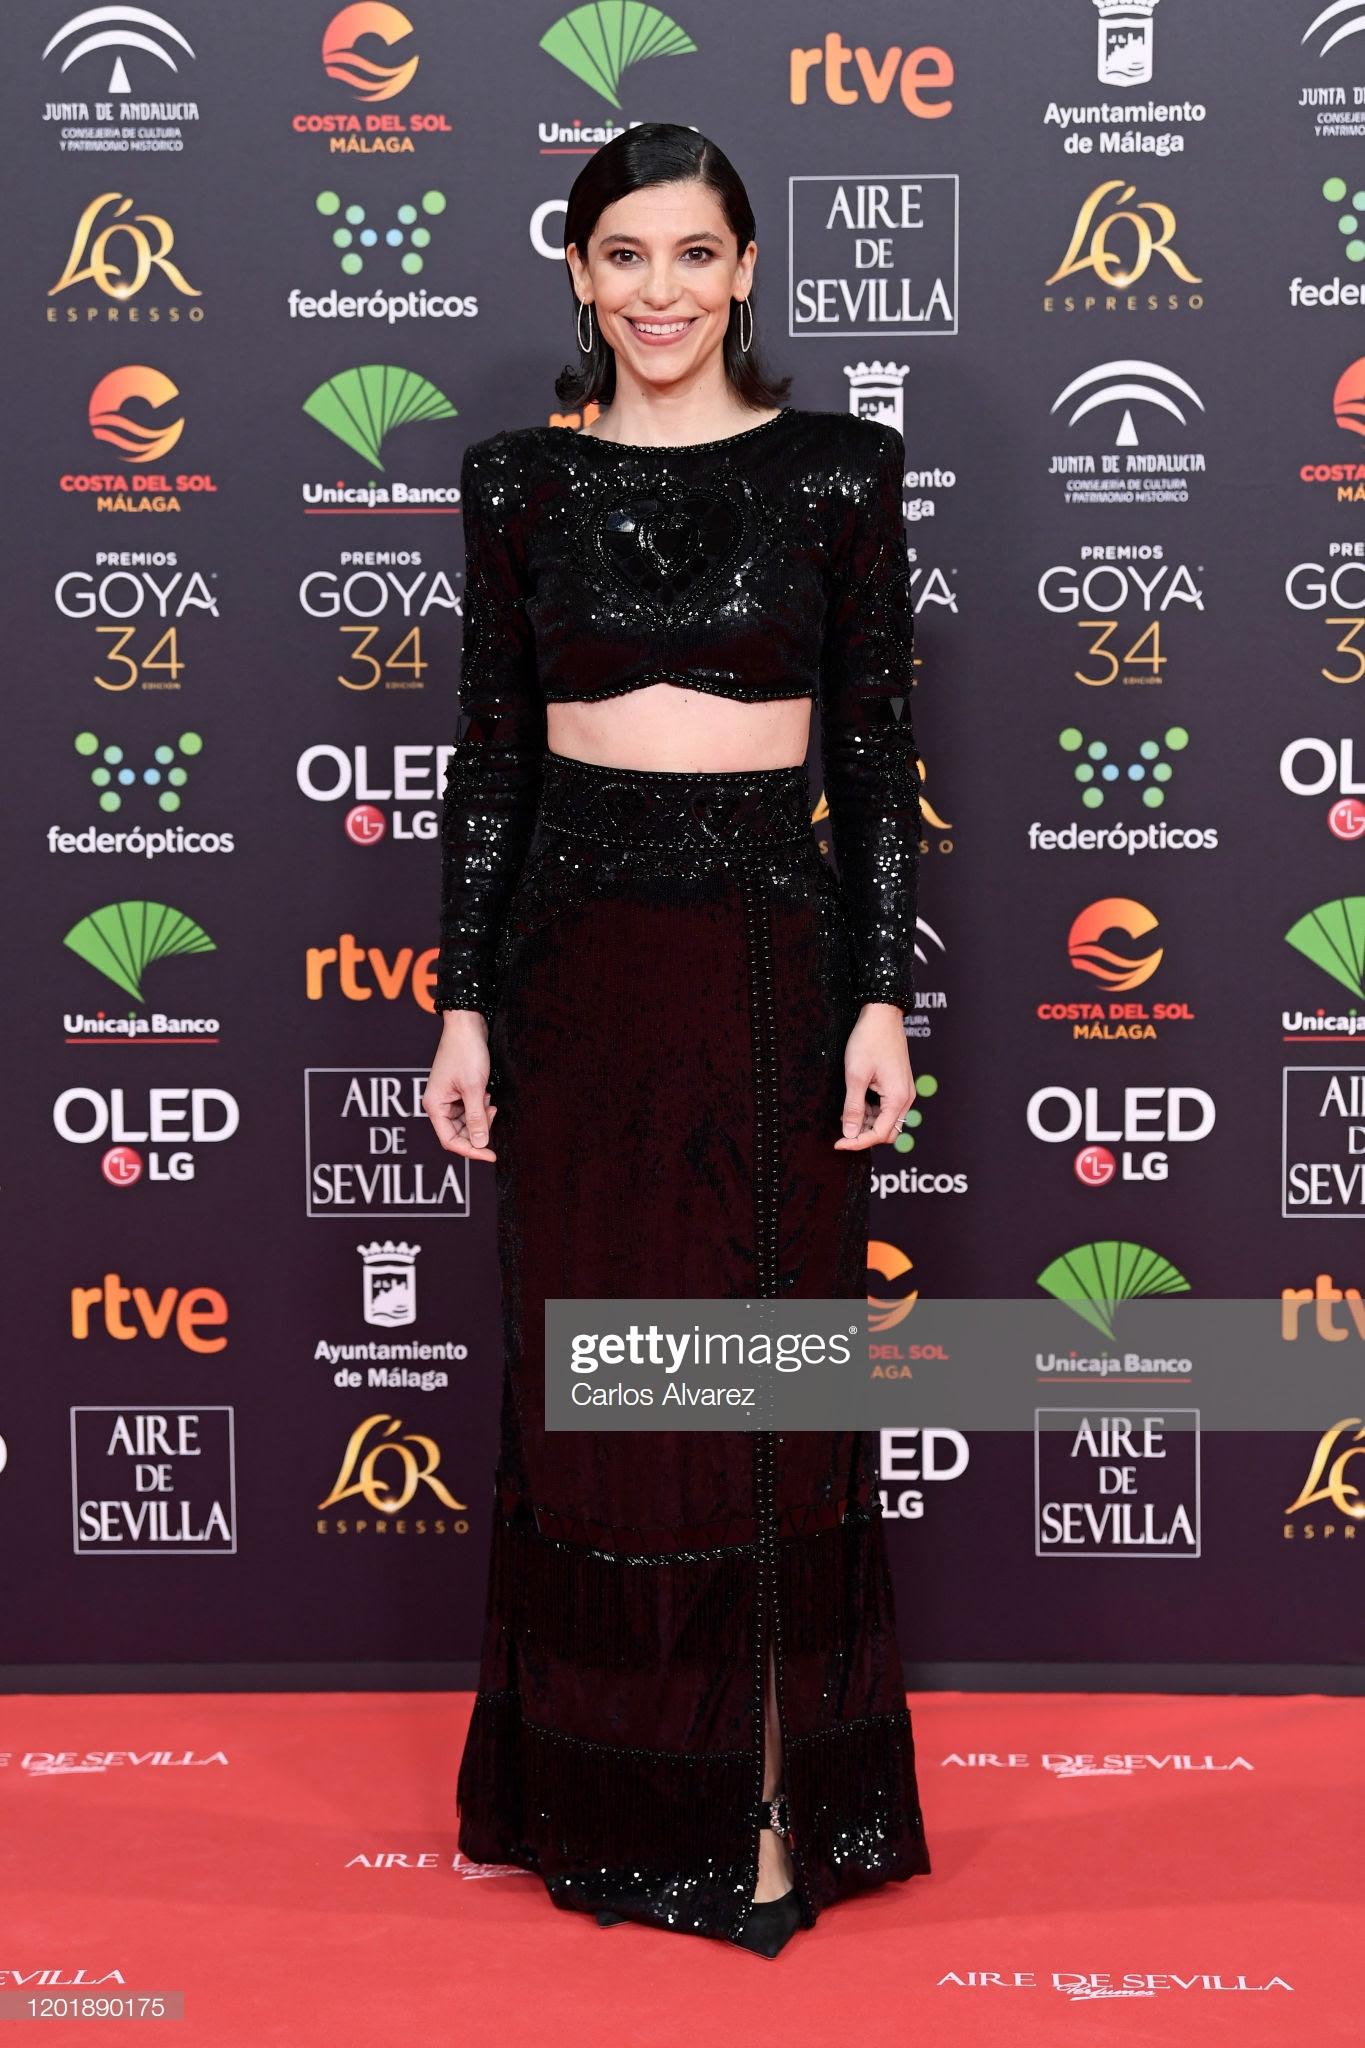 11fa881a 571c 4c43 95f4 0e9745f6046d - Premios Goya 2020 : Looks de todas las celebrities que lucieron  marcas de Replica